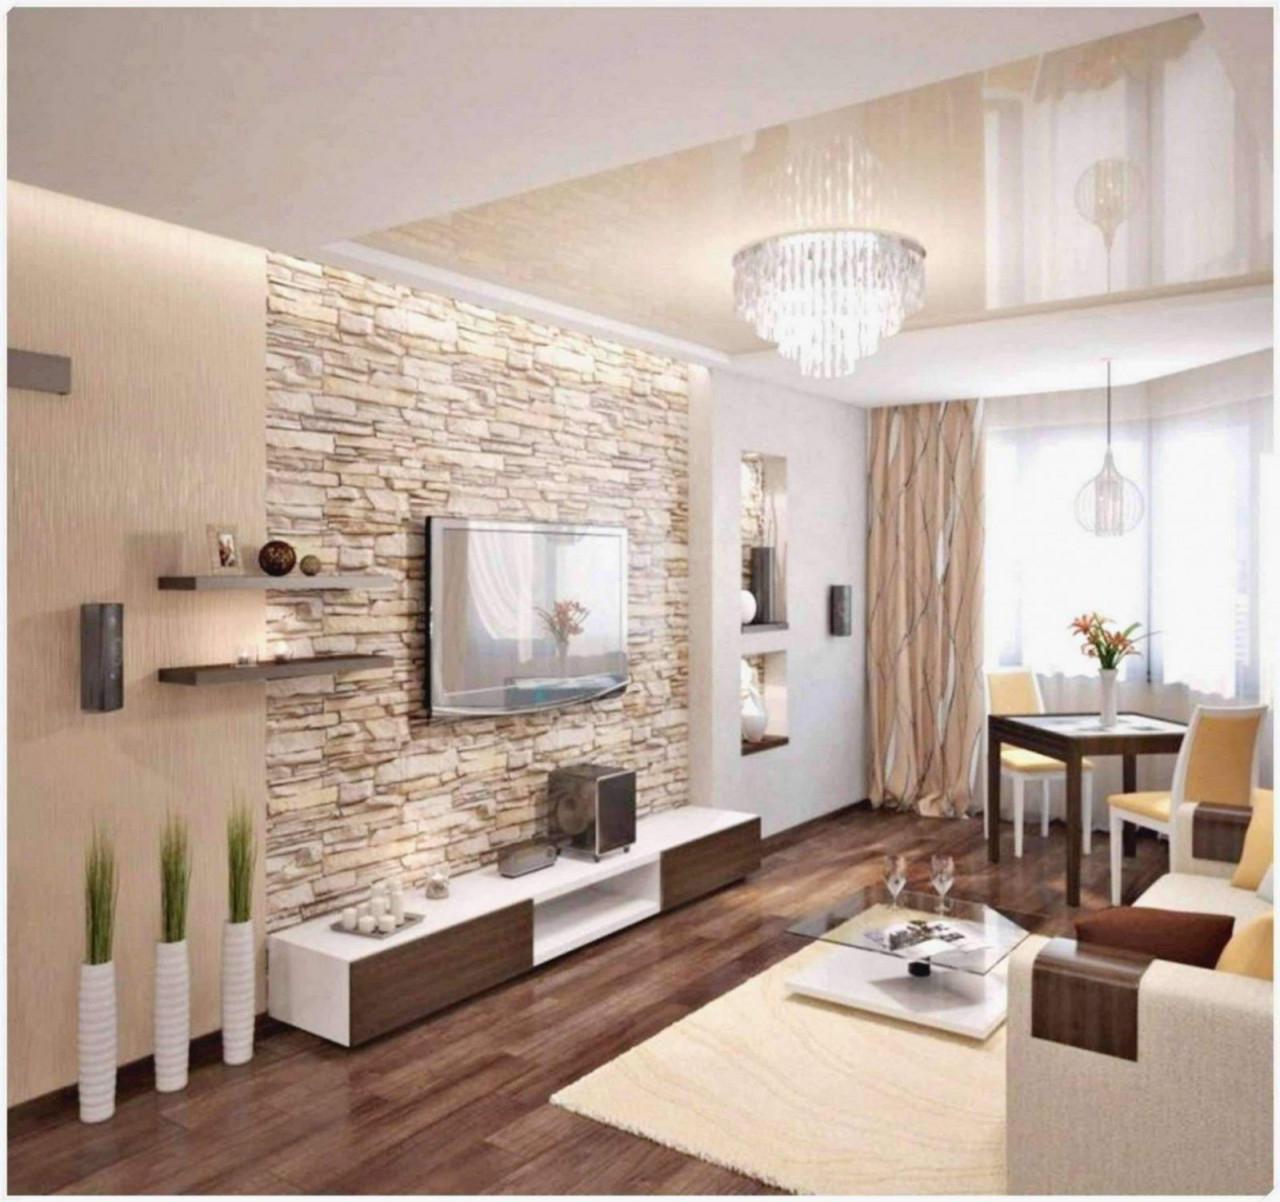 Deko Wand Wohnzimmer Frisch Luxury Dekoration Wohnzimmer Von von Wände Wohnzimmer Gestalten Photo